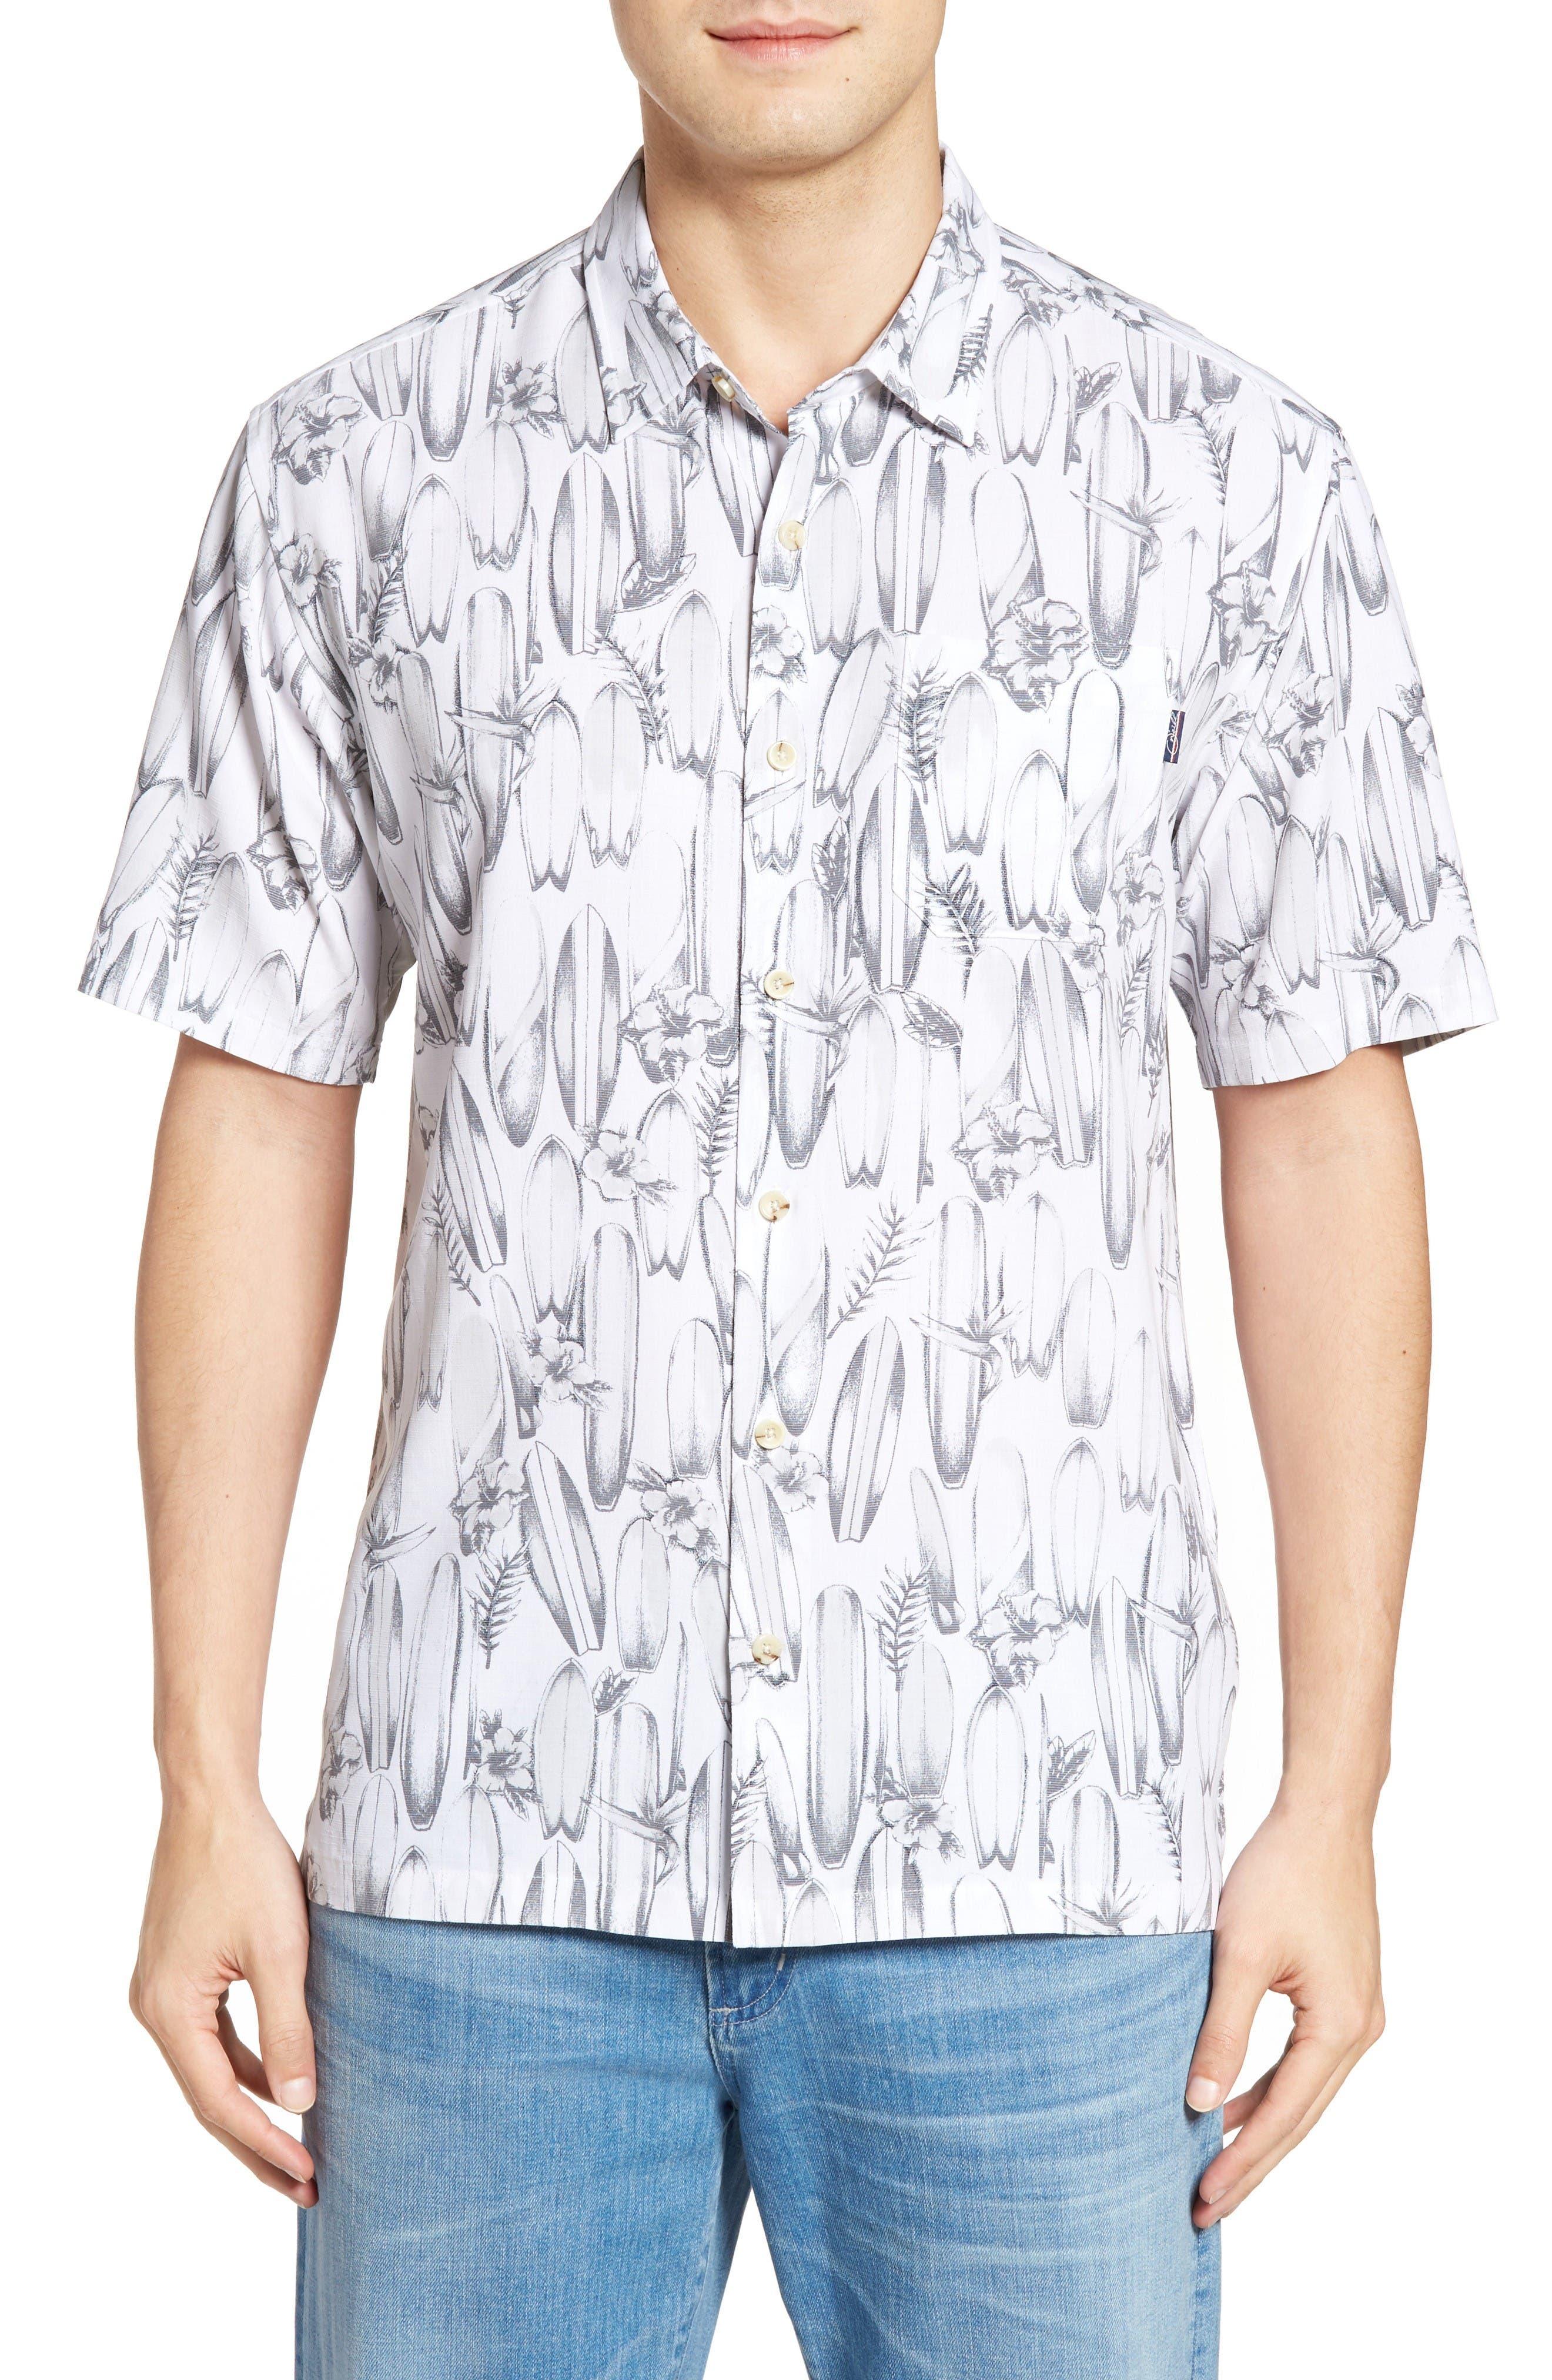 Jack O'Neill Wax On Camp Shirt